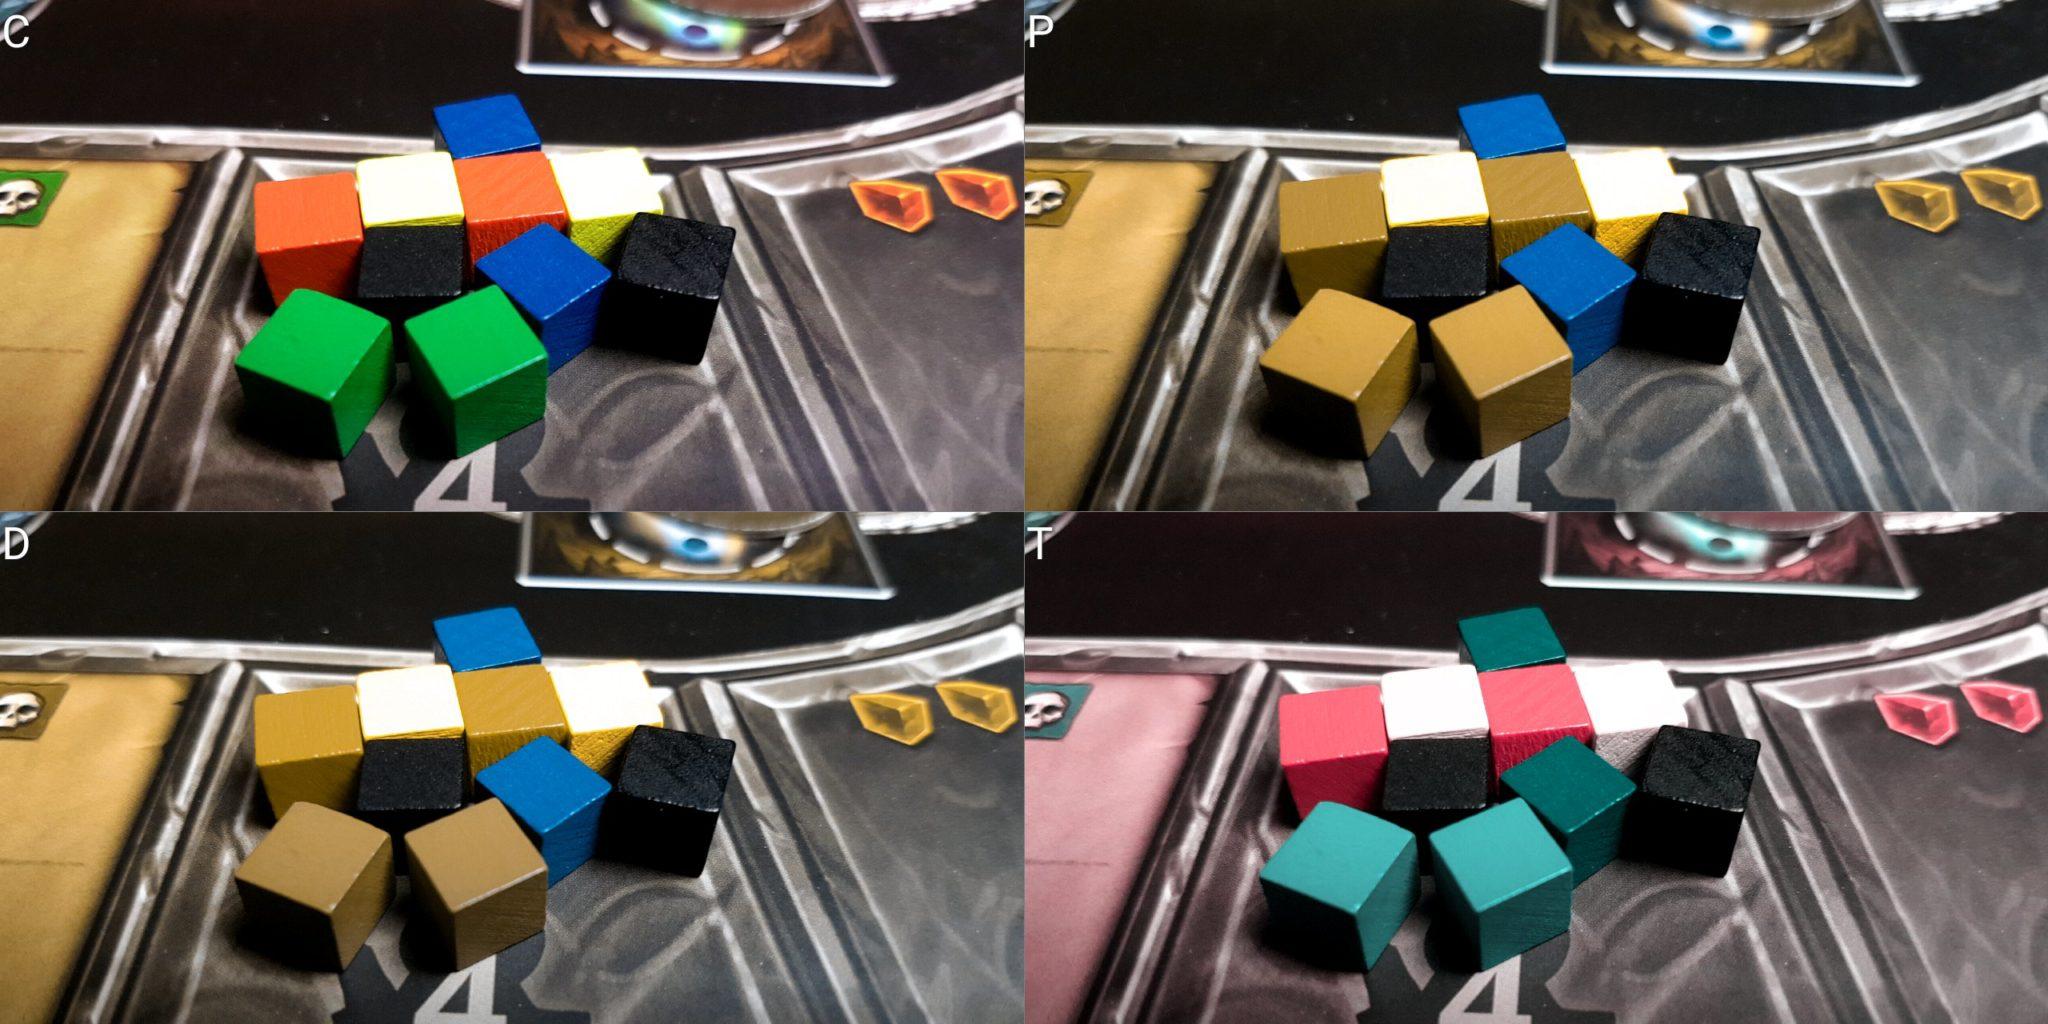 Colour blindness cubes